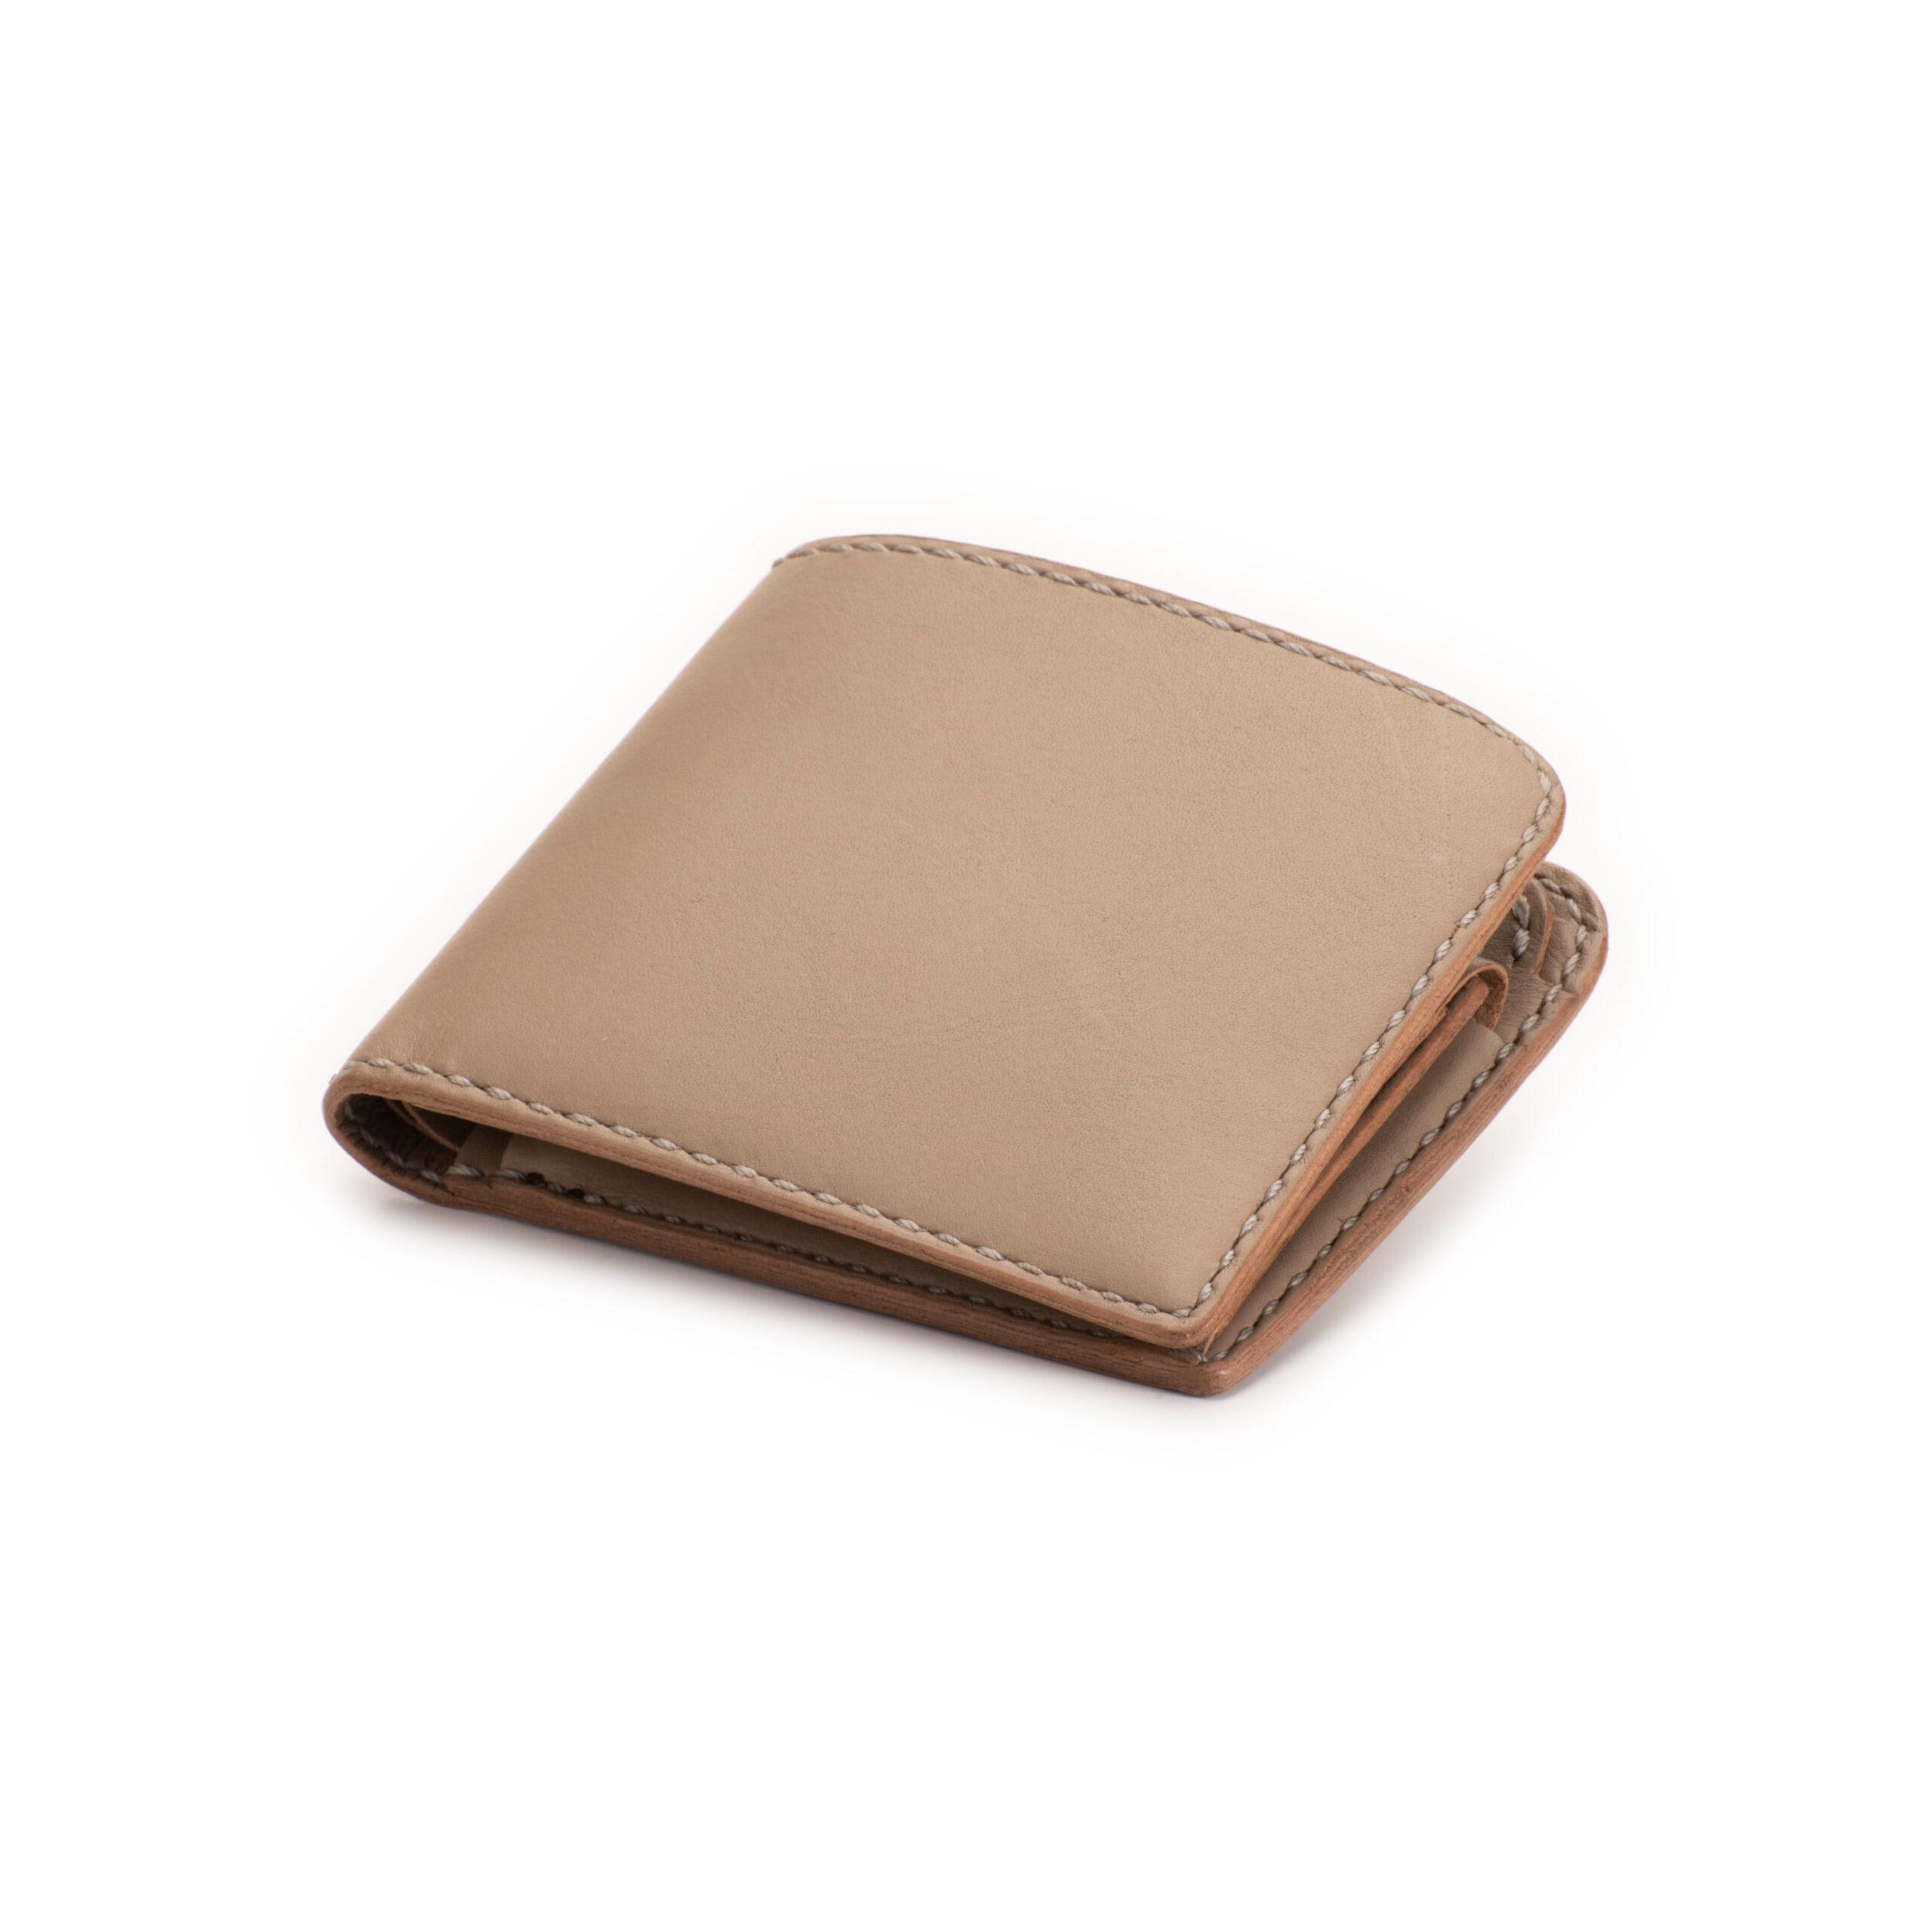 二つ折り財布 むくりグレー